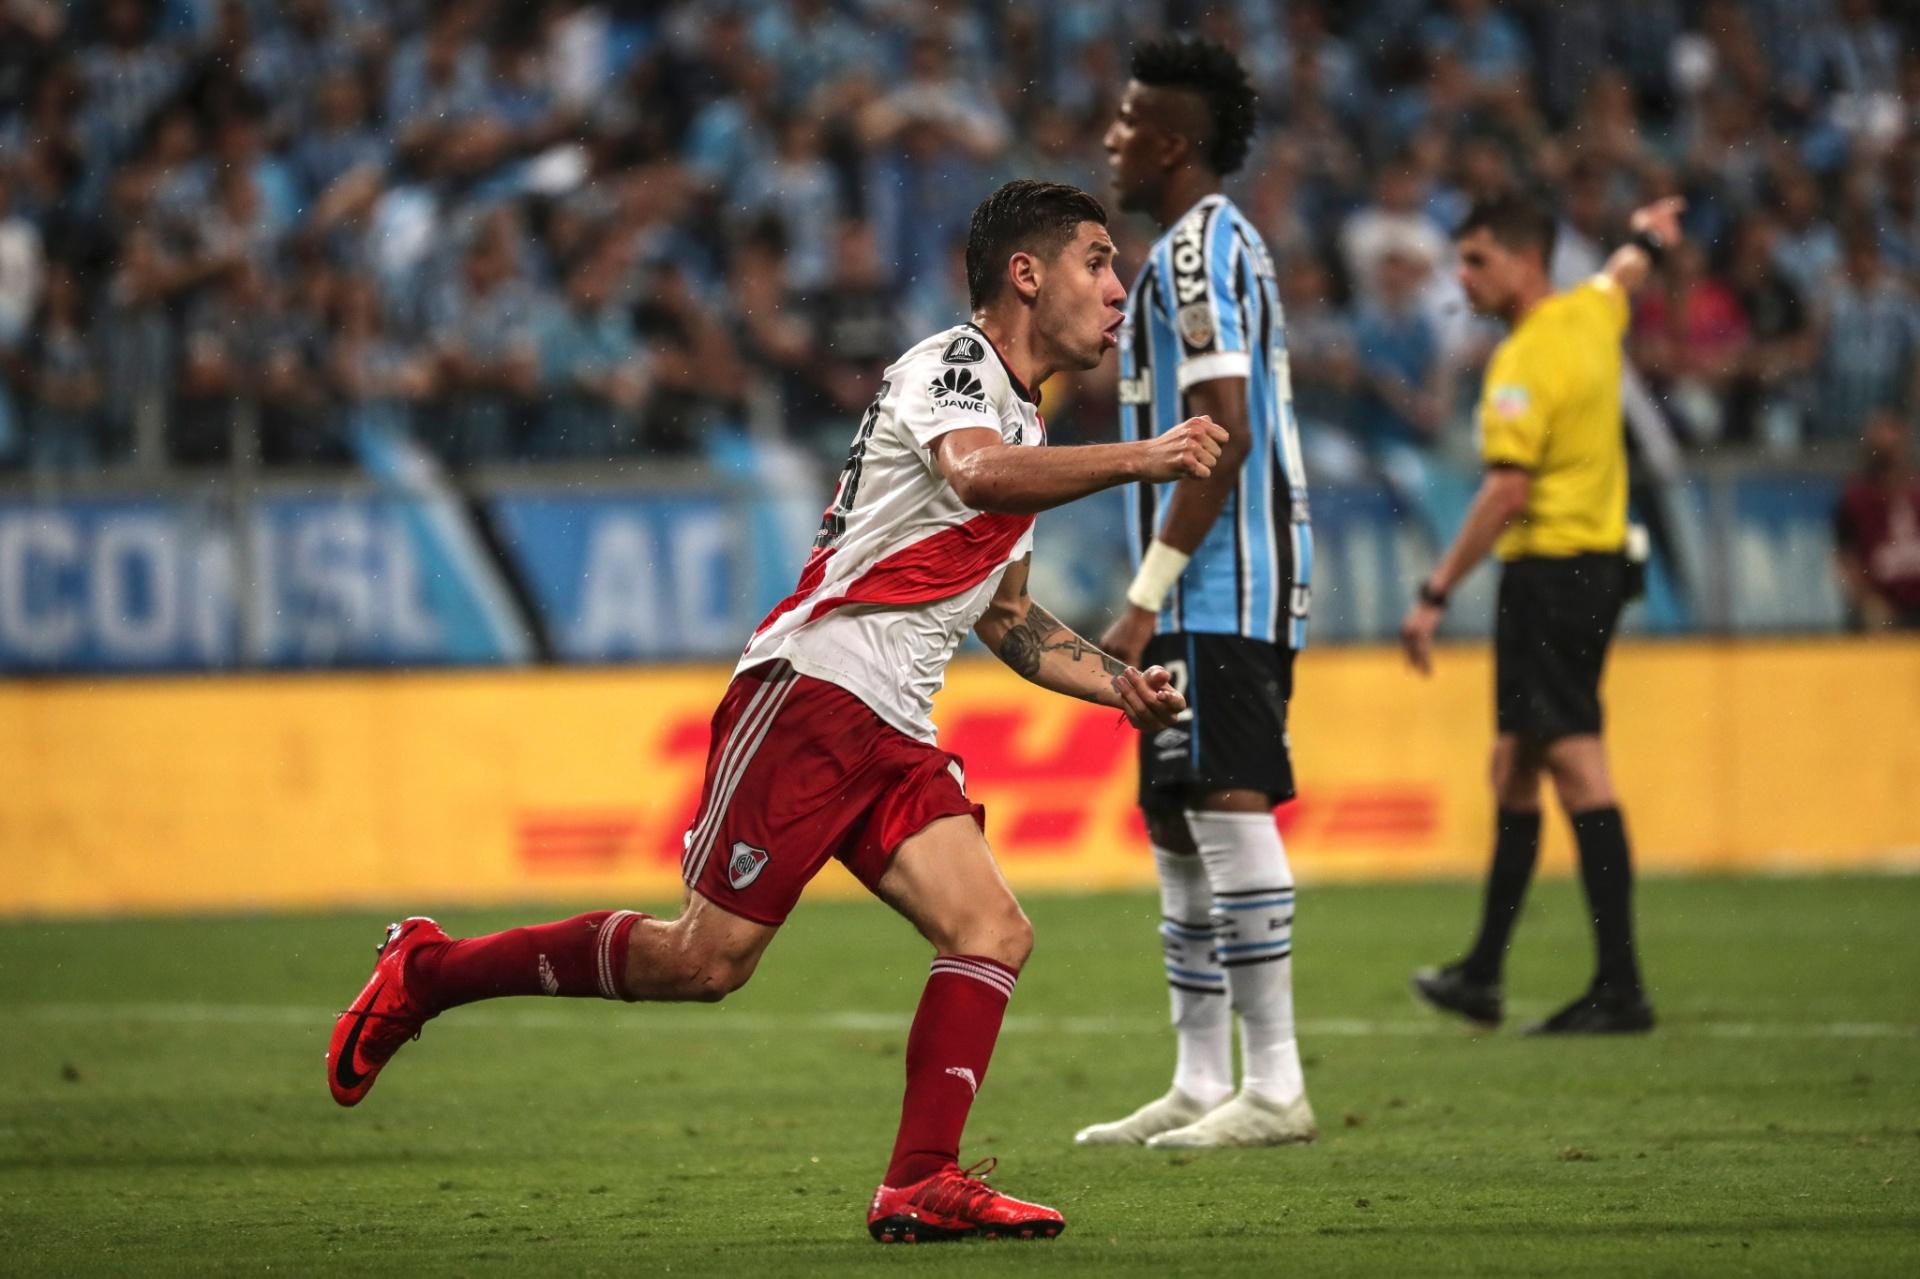 ff830064cd River vira sobre o Grêmio com pênalti marcado por VAR e vai à final -  30 10 2018 - UOL Esporte